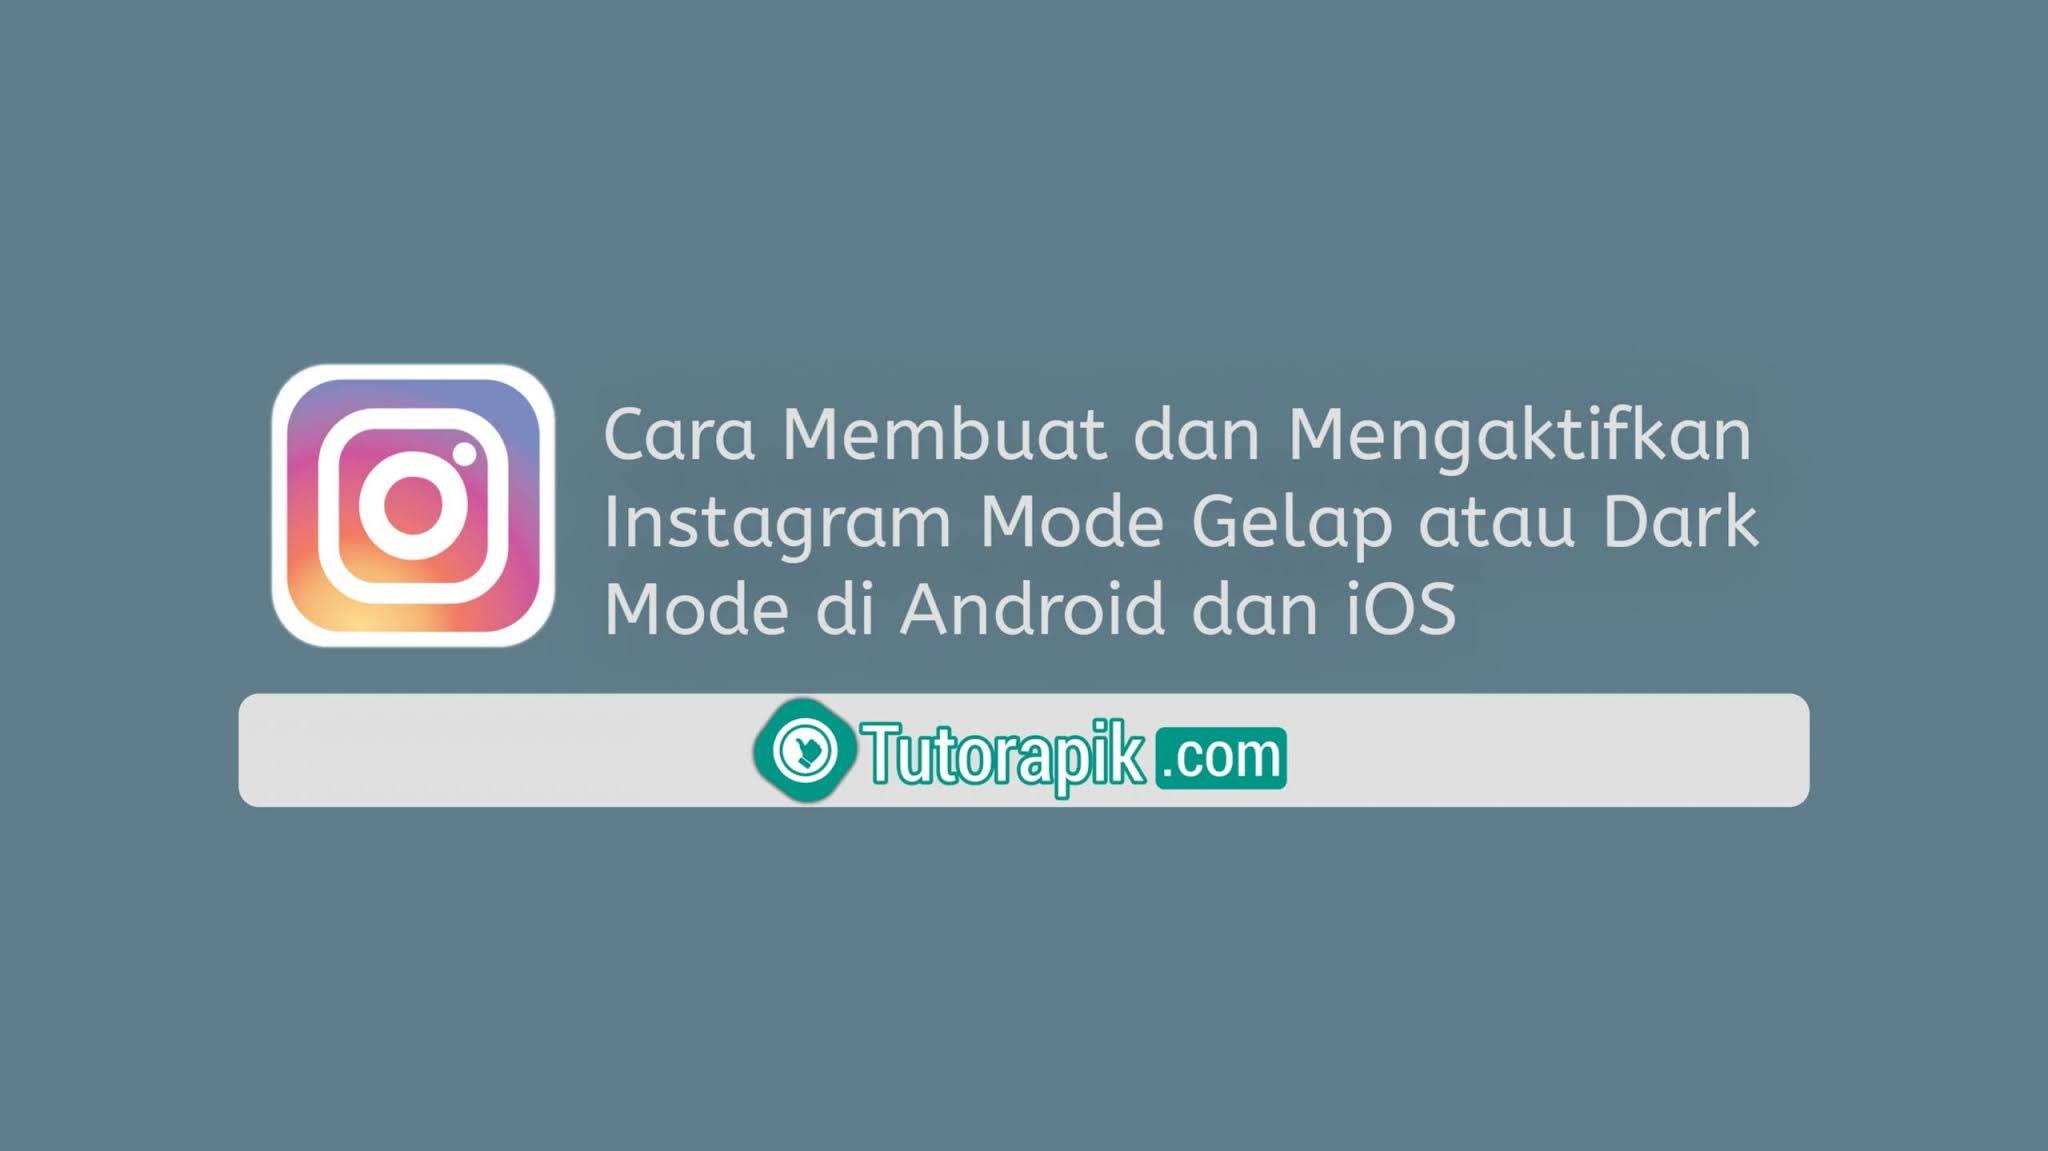 Cara Membuat Instagram Mode Gelap di Android